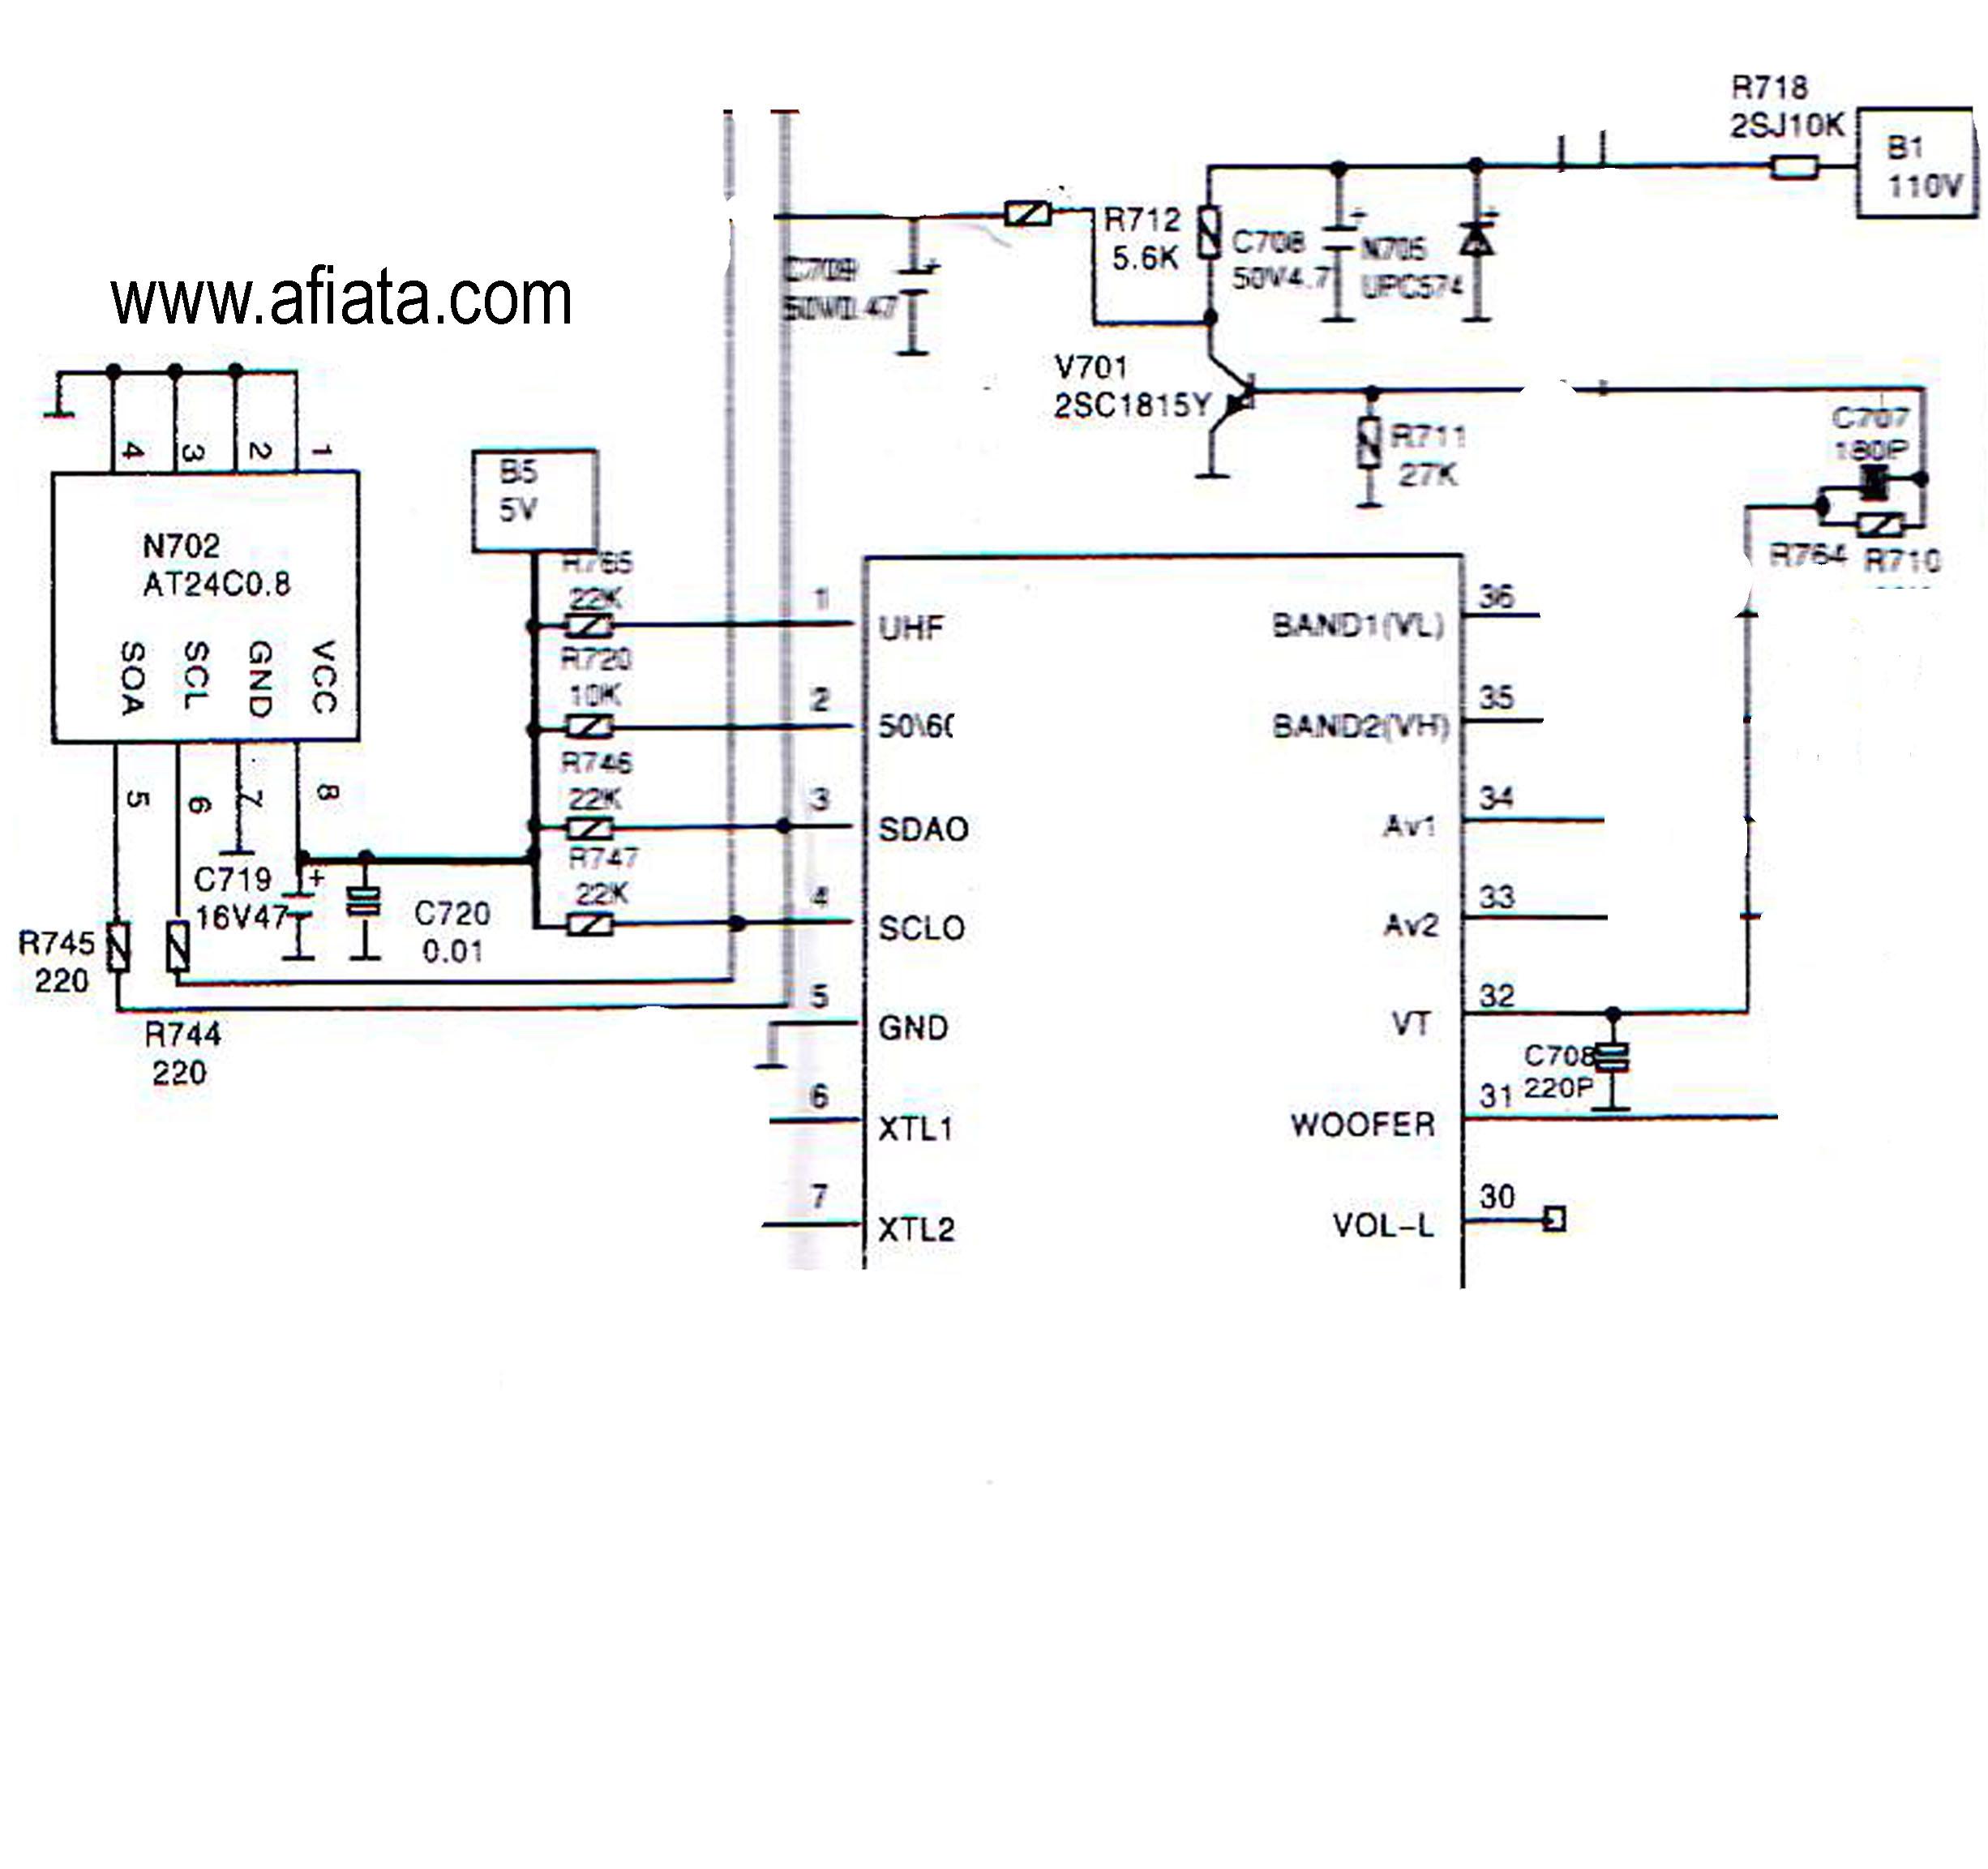 wiring diagram software  | afiata.com